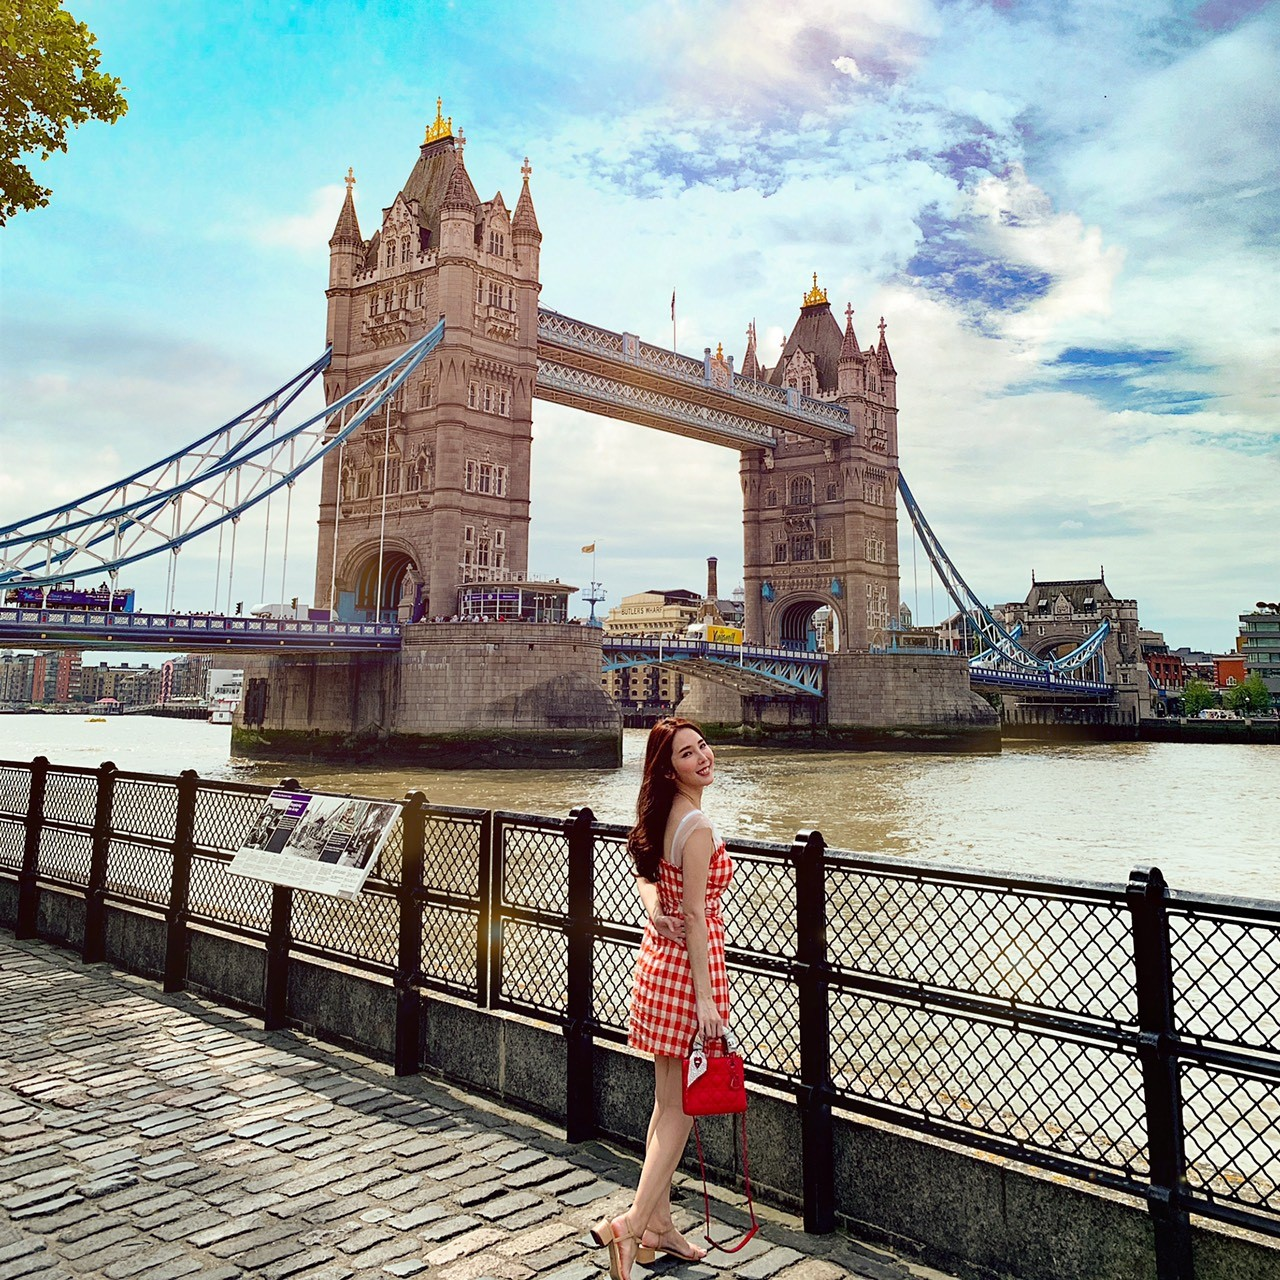 ▲倫敦的知名地標倫敦鐵橋、街景都是朱琦郁的取景地點。